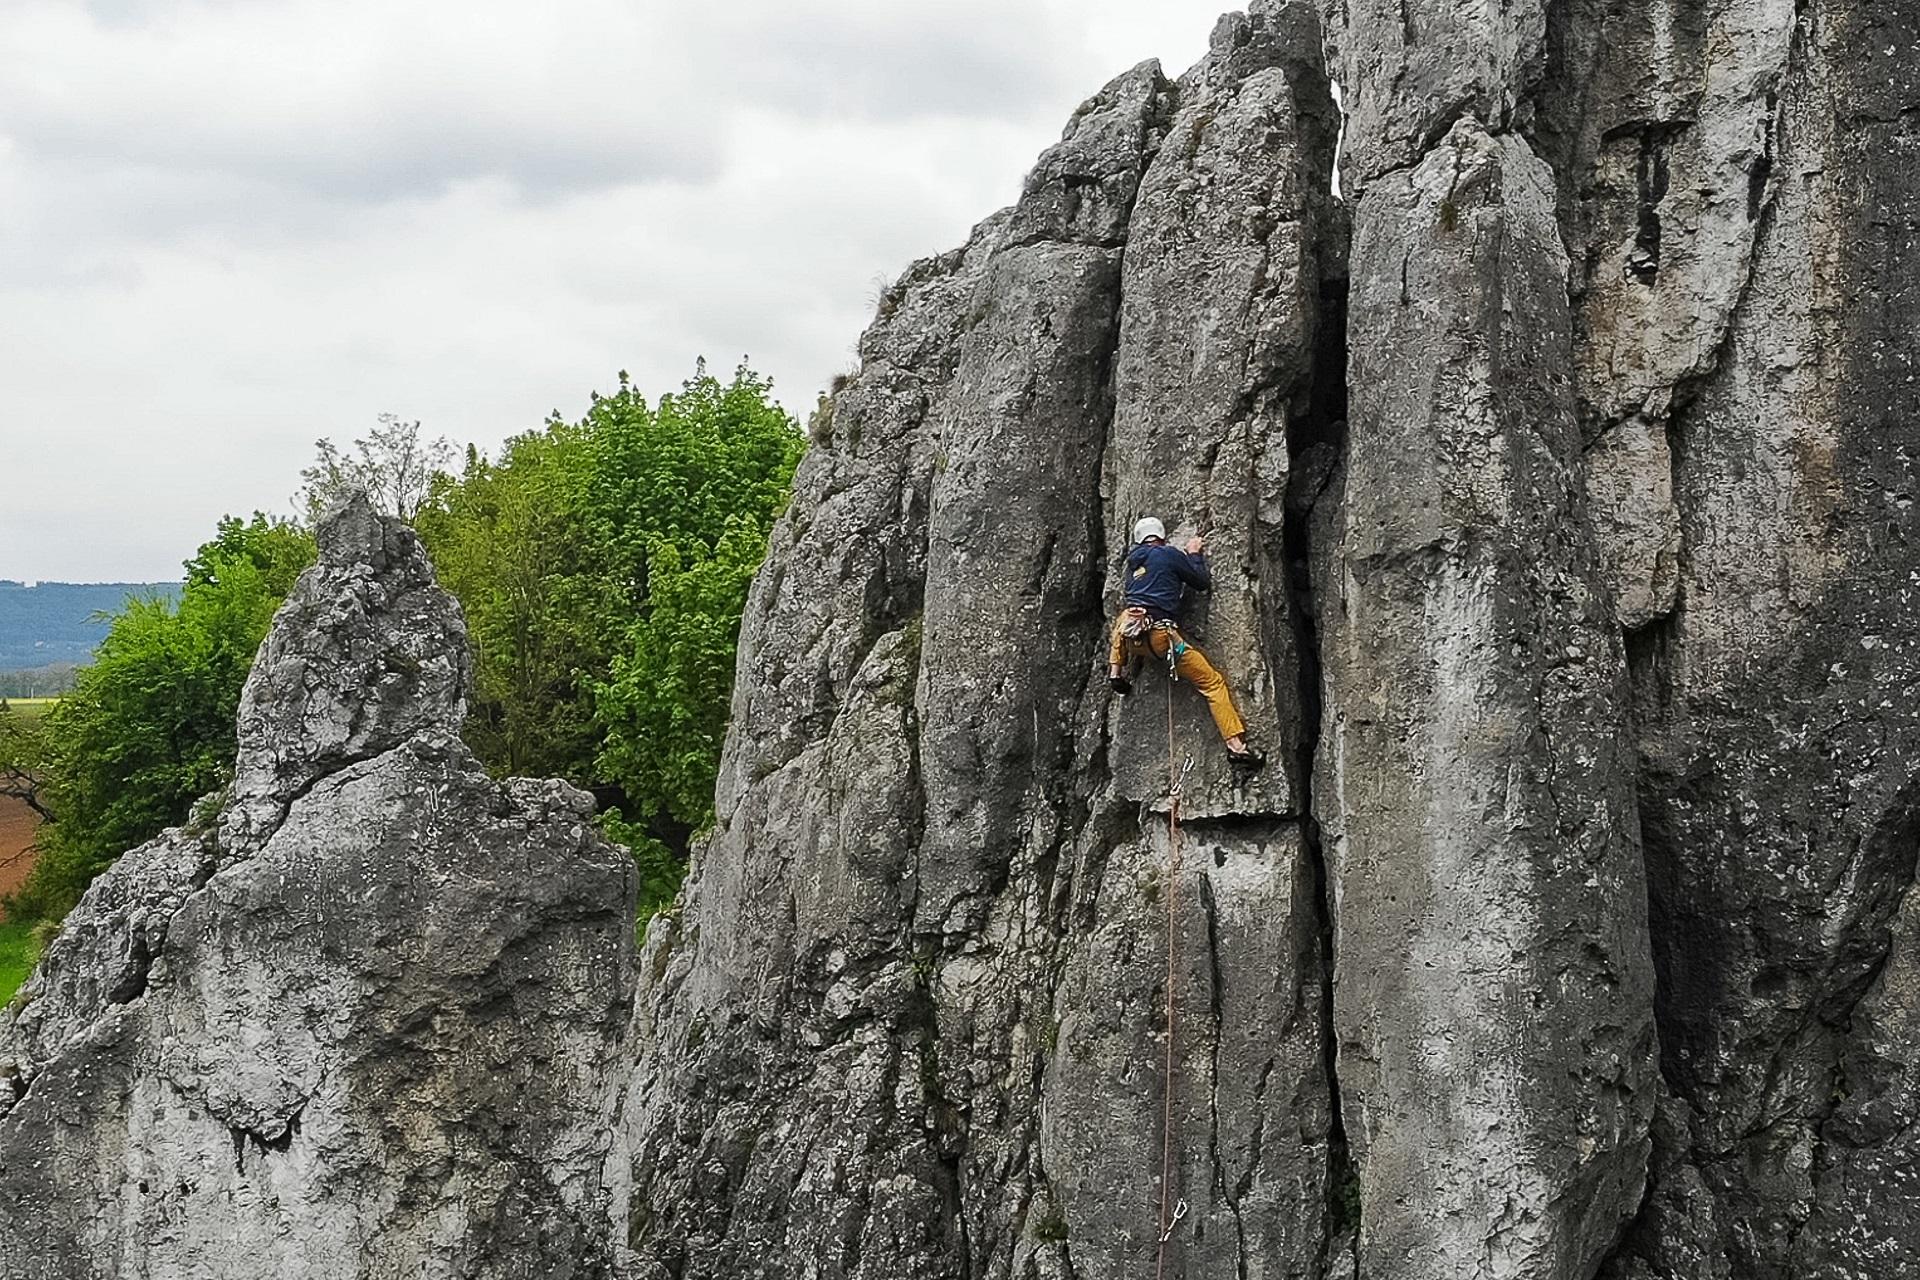 Wspinaczka w Dolinie Bolechowickiej - droga W cieniu Tytanów, VI.2